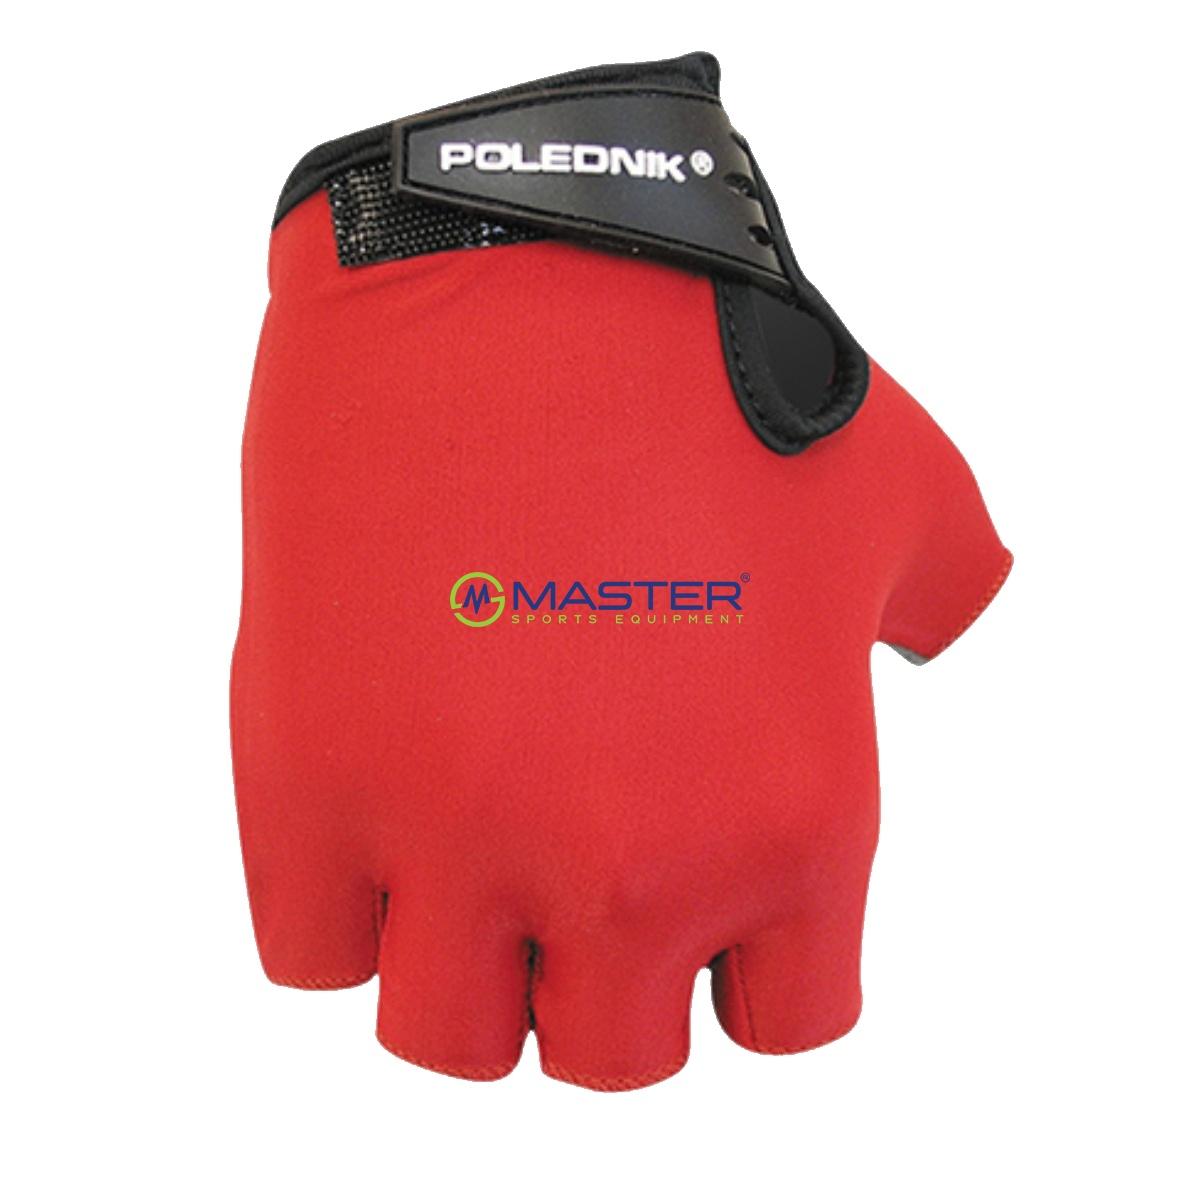 a970efa9296 Cyklo rukavice POLEDNIK Basic dětské vel. 3 - červené ...